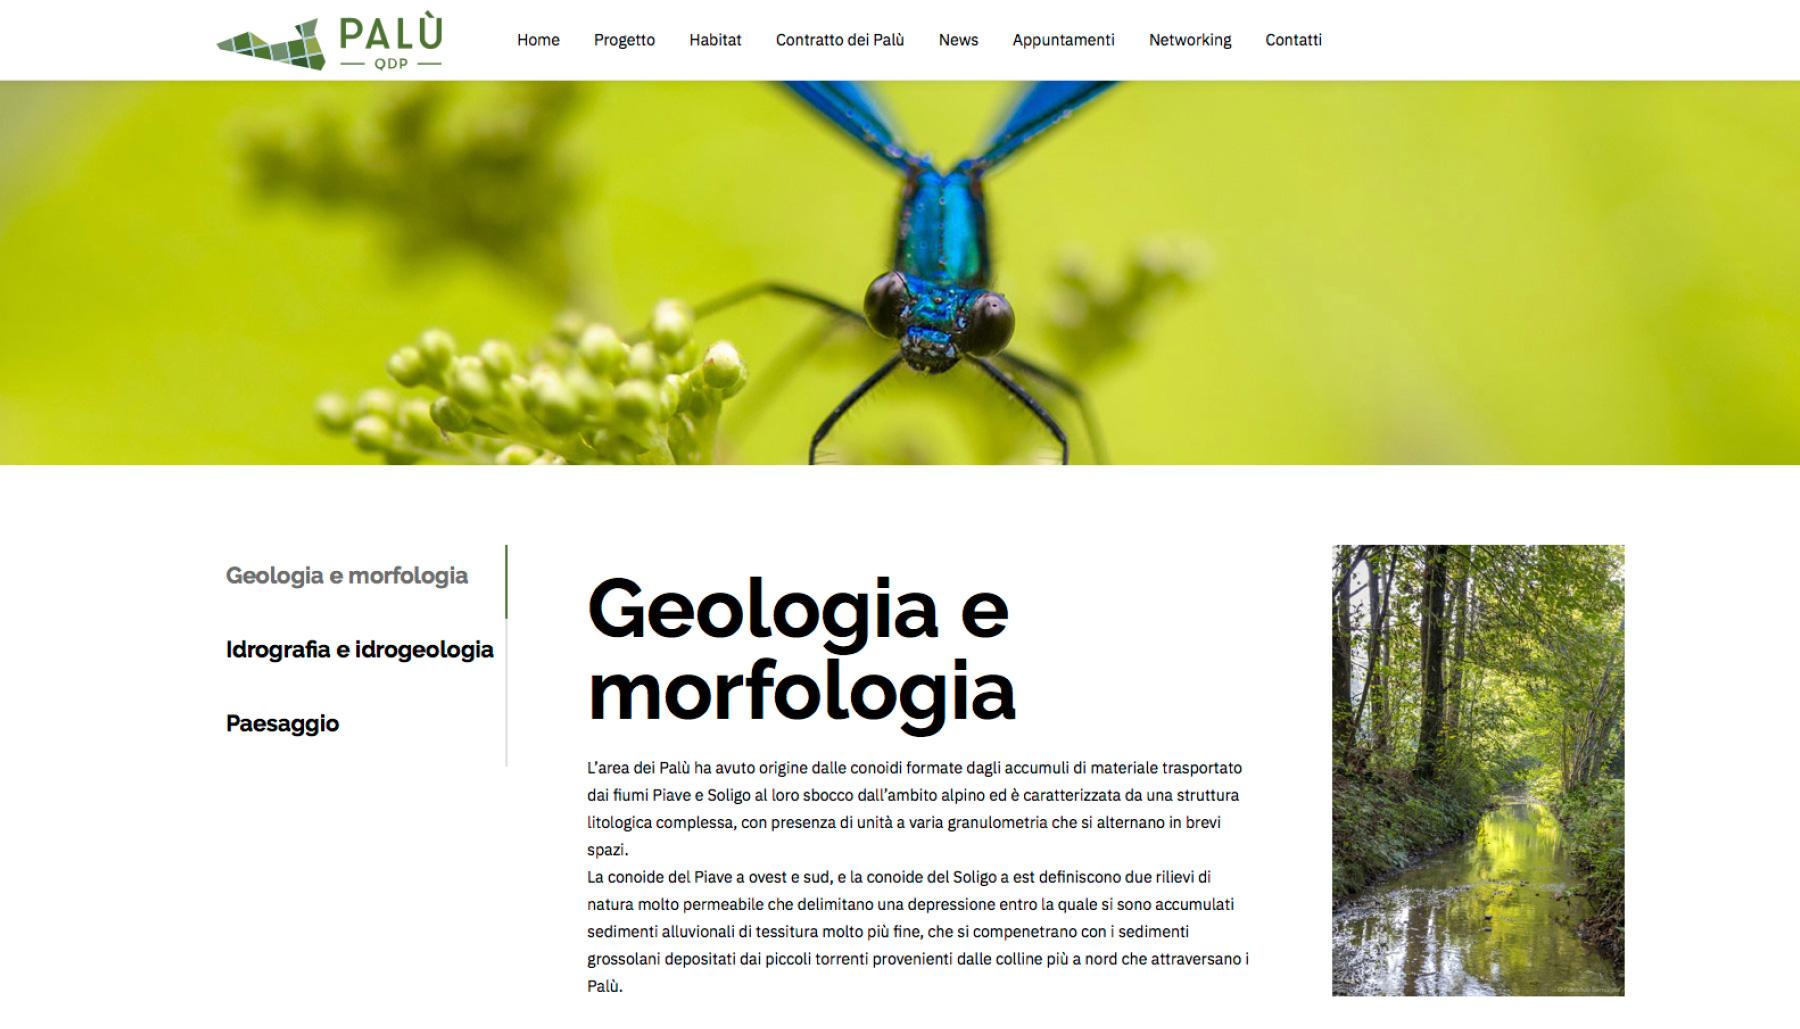 Marketing territoriale sito PALU QdP | Kora Comunicazione